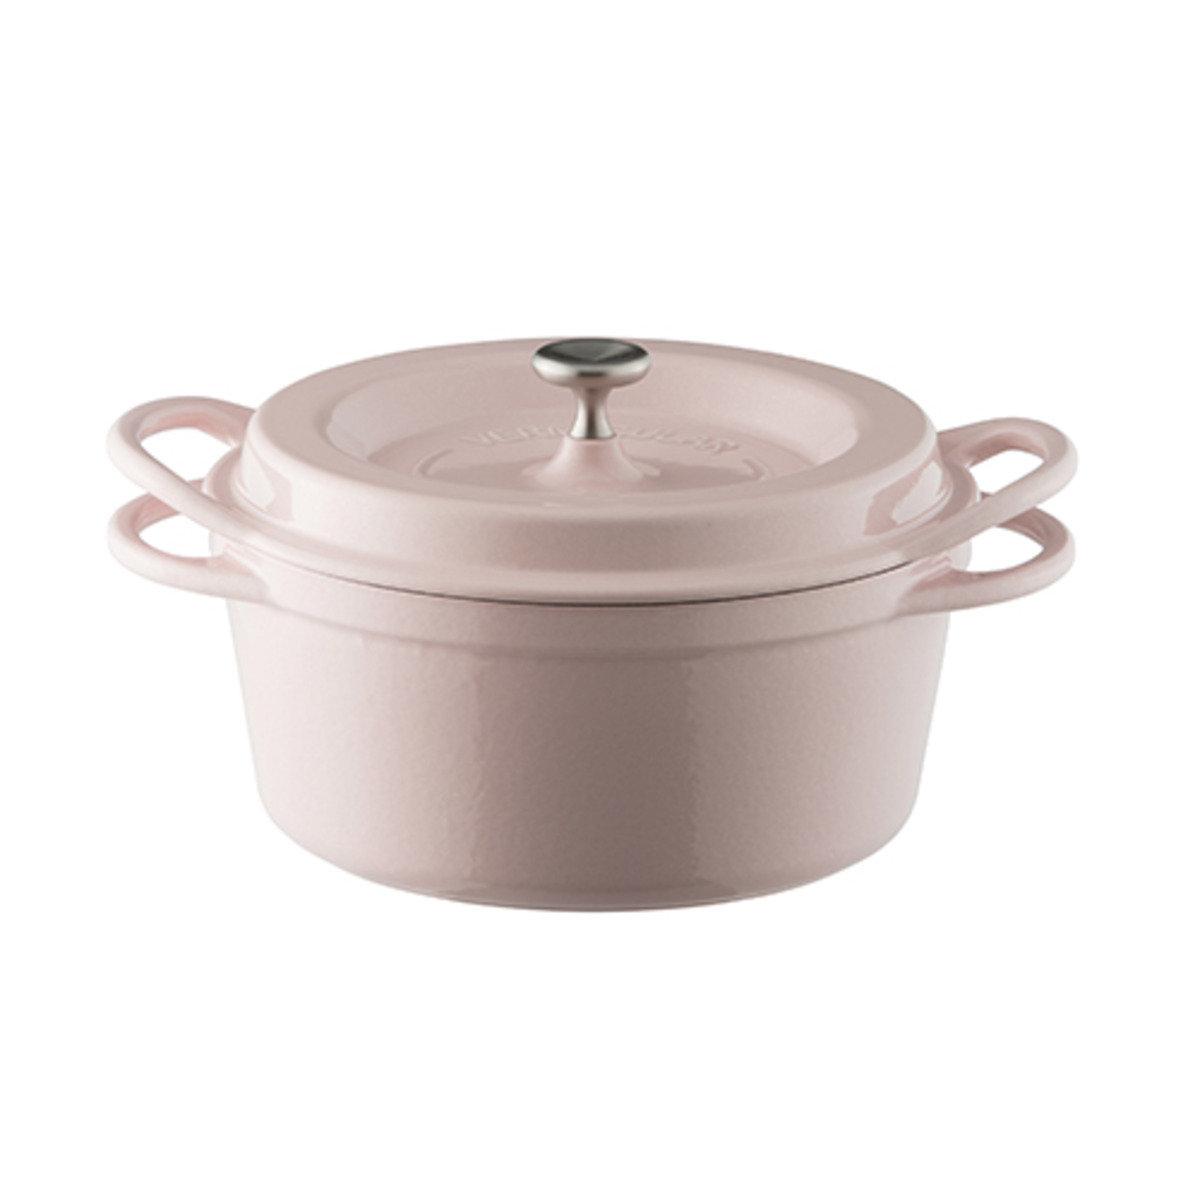 琺瑯鑄鐵圓鍋-粉紅色